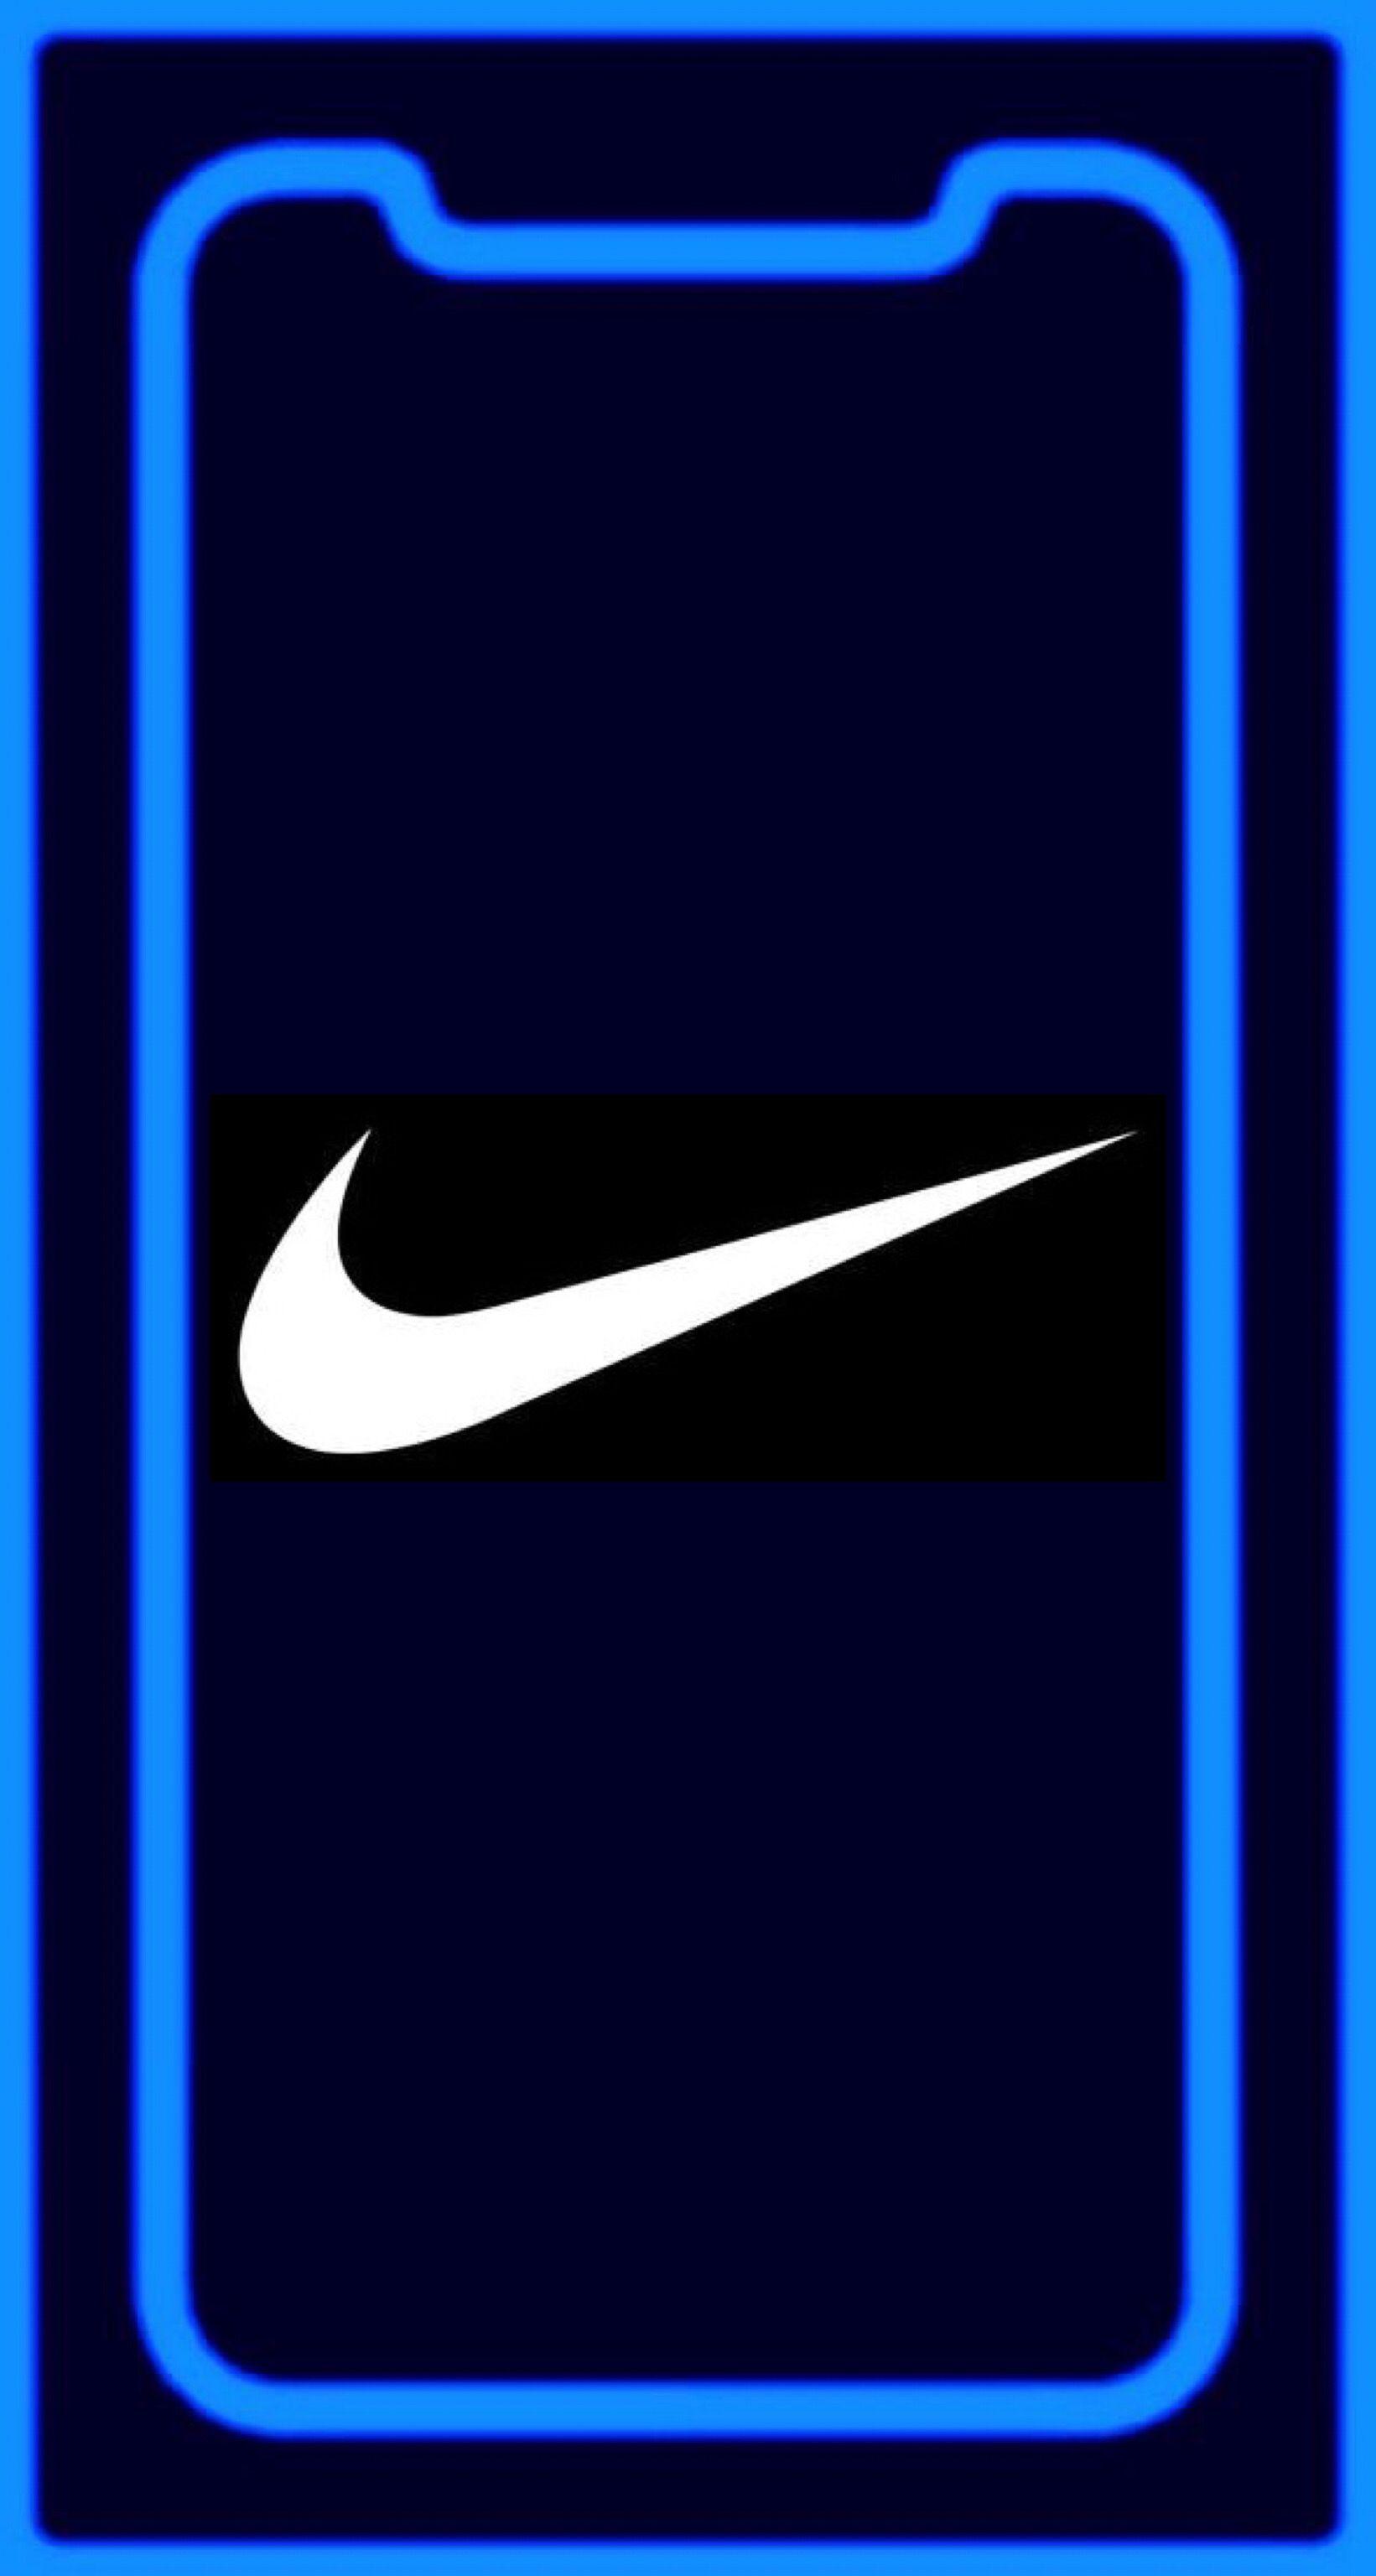 Wallpaper iPhone X Nike White Nike screensavers